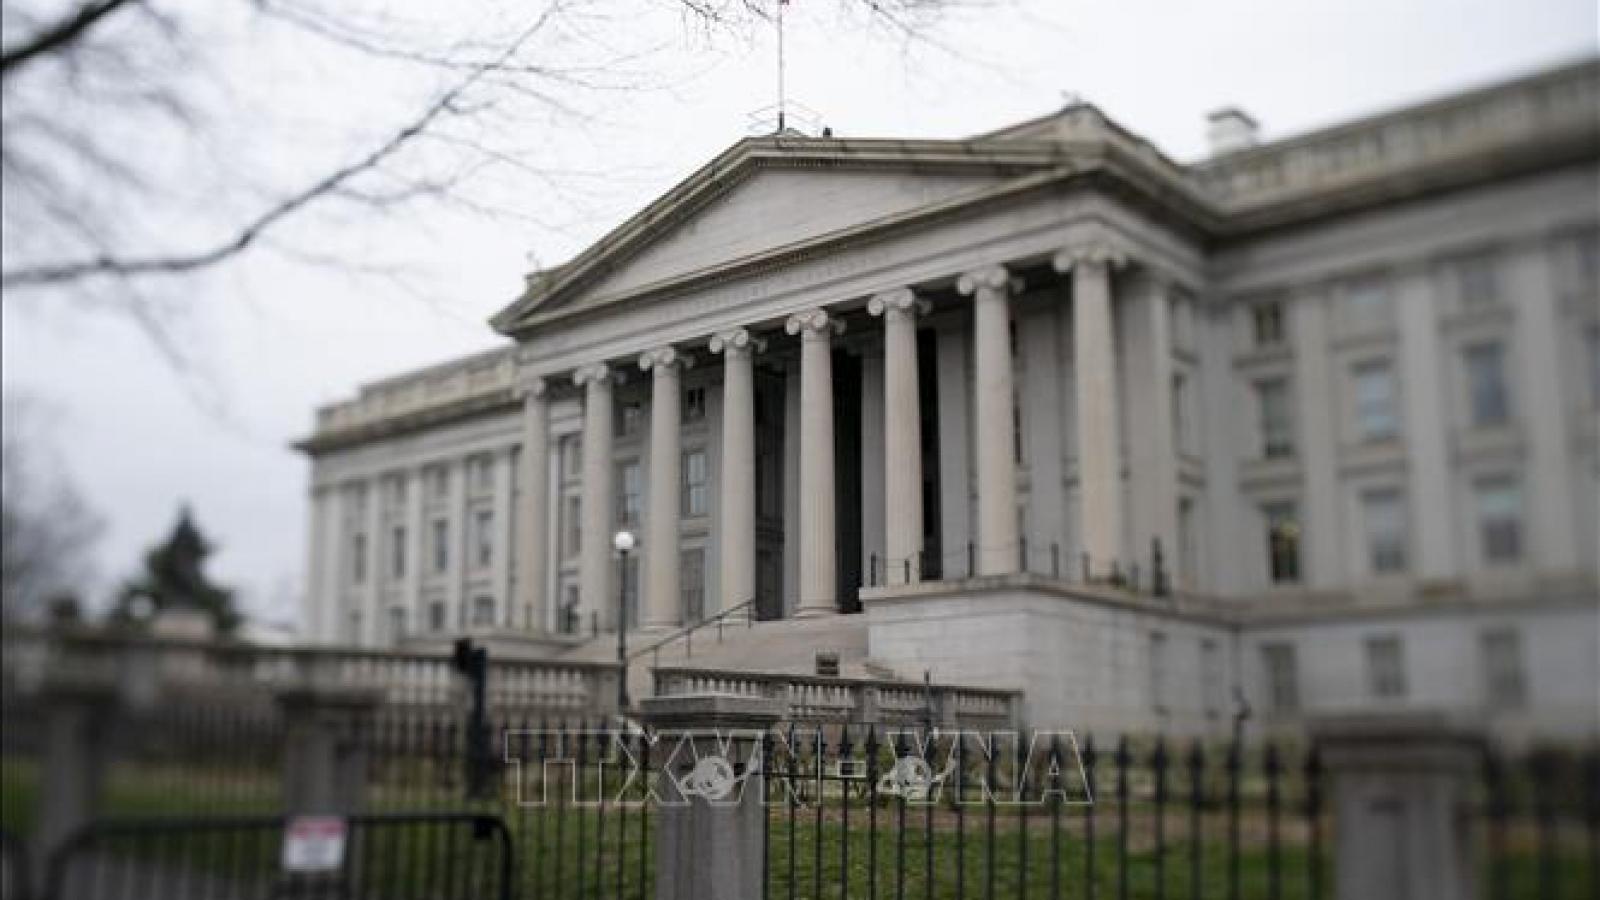 Thâm hụt ngân sách Mỹ tháng 5 vượt mức 2.000 tỷ USD